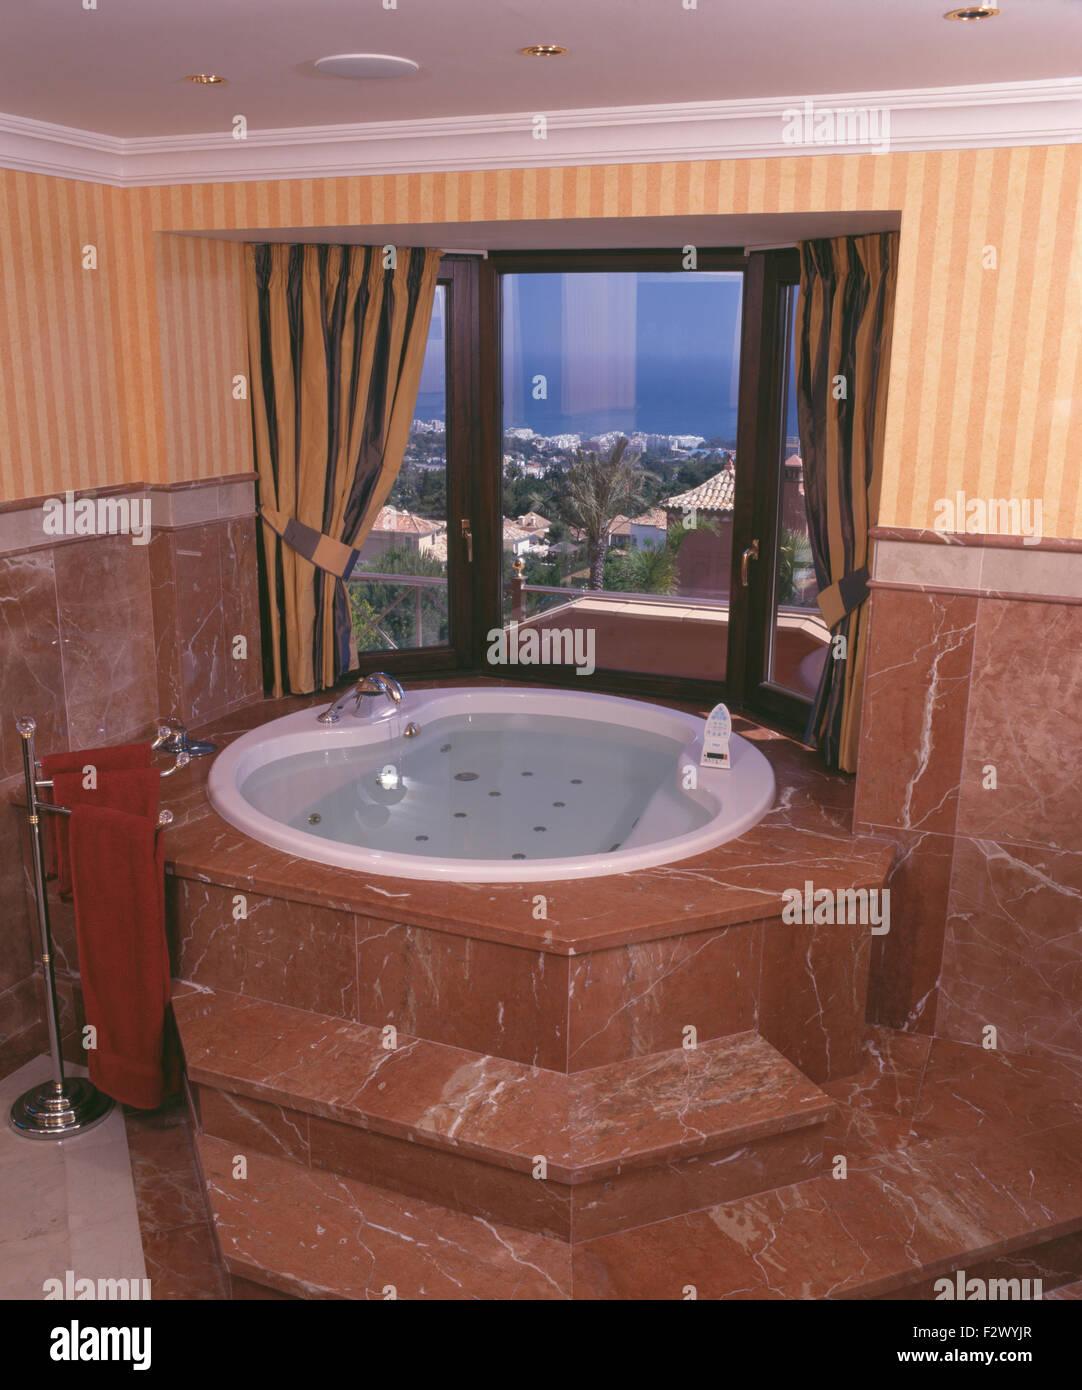 Spanische Villa Badezimmer Mit Braunem Marmor Schritte Bis Zu Whirlpool  Unter Großen Fenster Mit Blick Auf Die Küste